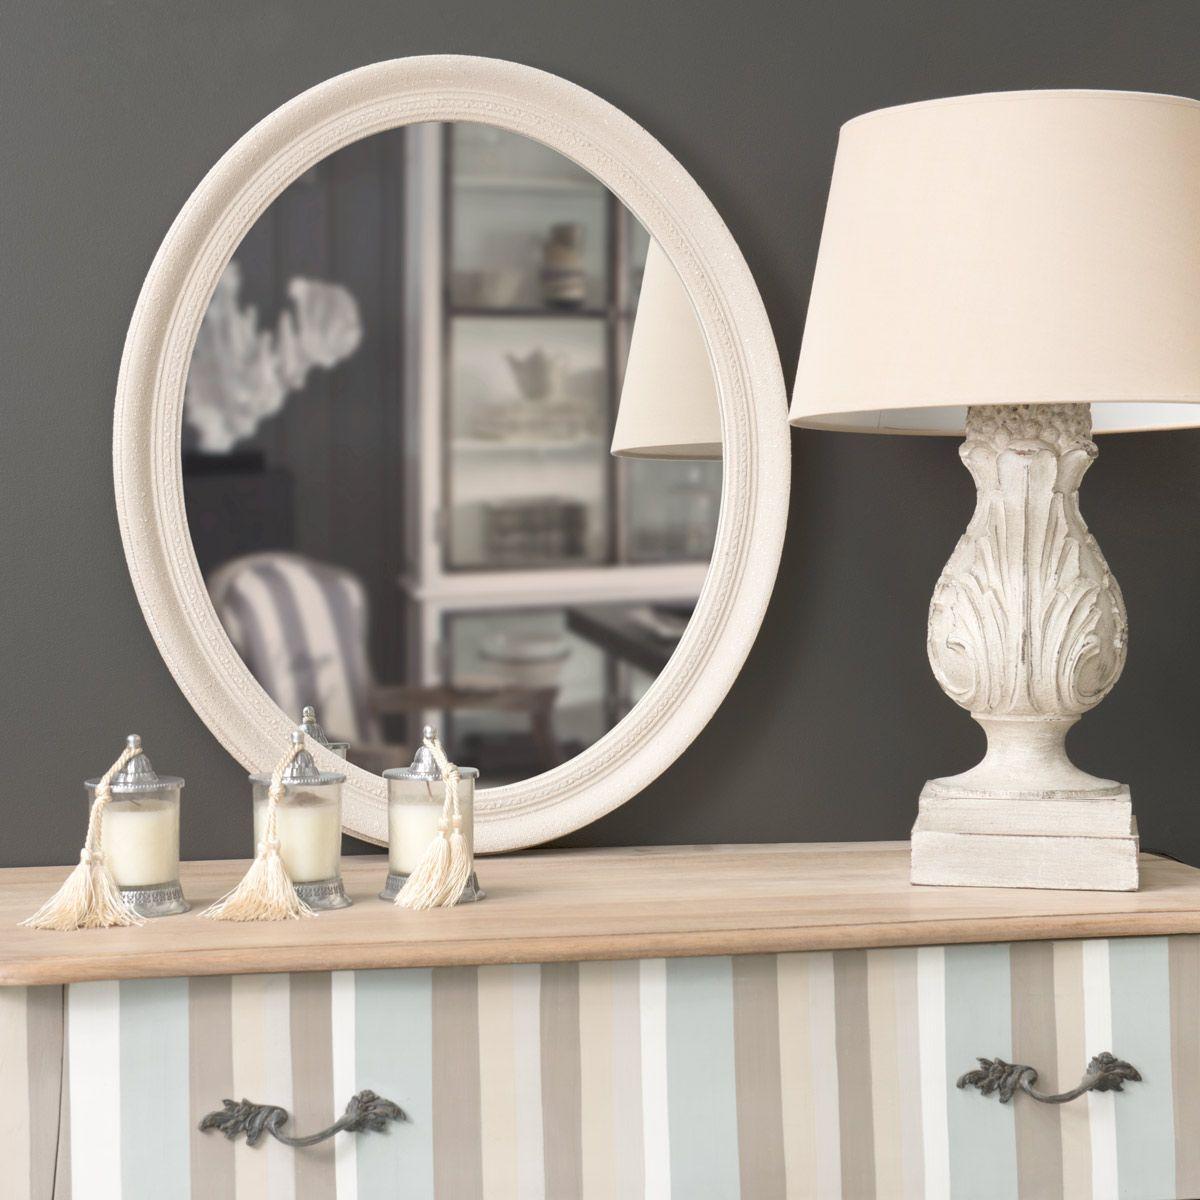 Beige Sophie Ovale Spiegel Ovale Spiegel Ideeen Voor Thuisdecoratie Slaapkamer